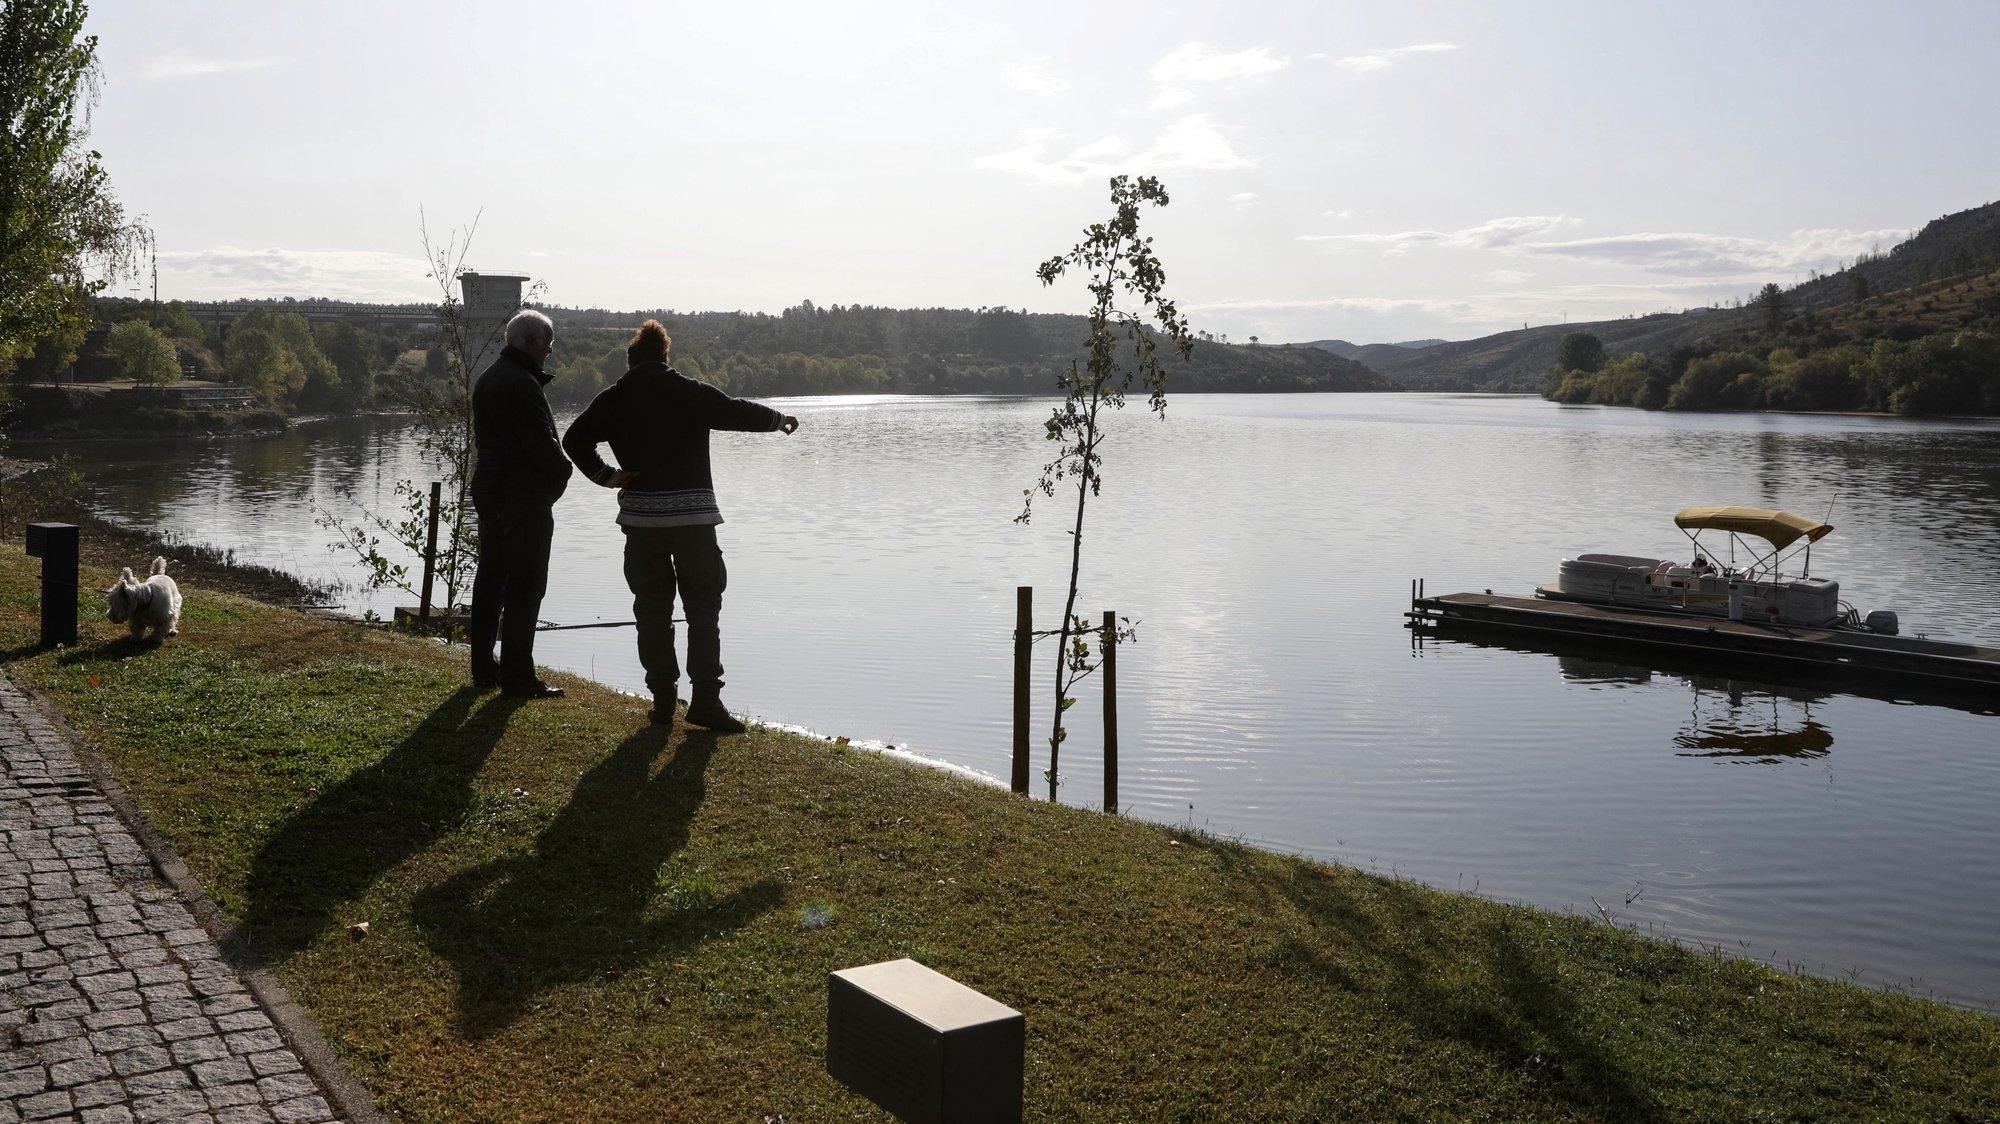 Habitantes de Vila Velha de Ródão observam o baixo nível da água no rio Tejo que atingiu os níveis mais baixos que foram registados nas últimas décadas, situação que afetou, sobretudo, as regiões portuguesas e espanholas do Tejo Internacional e secaram, inclusivamente alguns afluentes, como o rio Ponsul, Castelo Branco, 22 de outubro de 2019. (ACOMPANHA TEXTO DE 27/10/2019) PAULO NOVAIS/LUSA